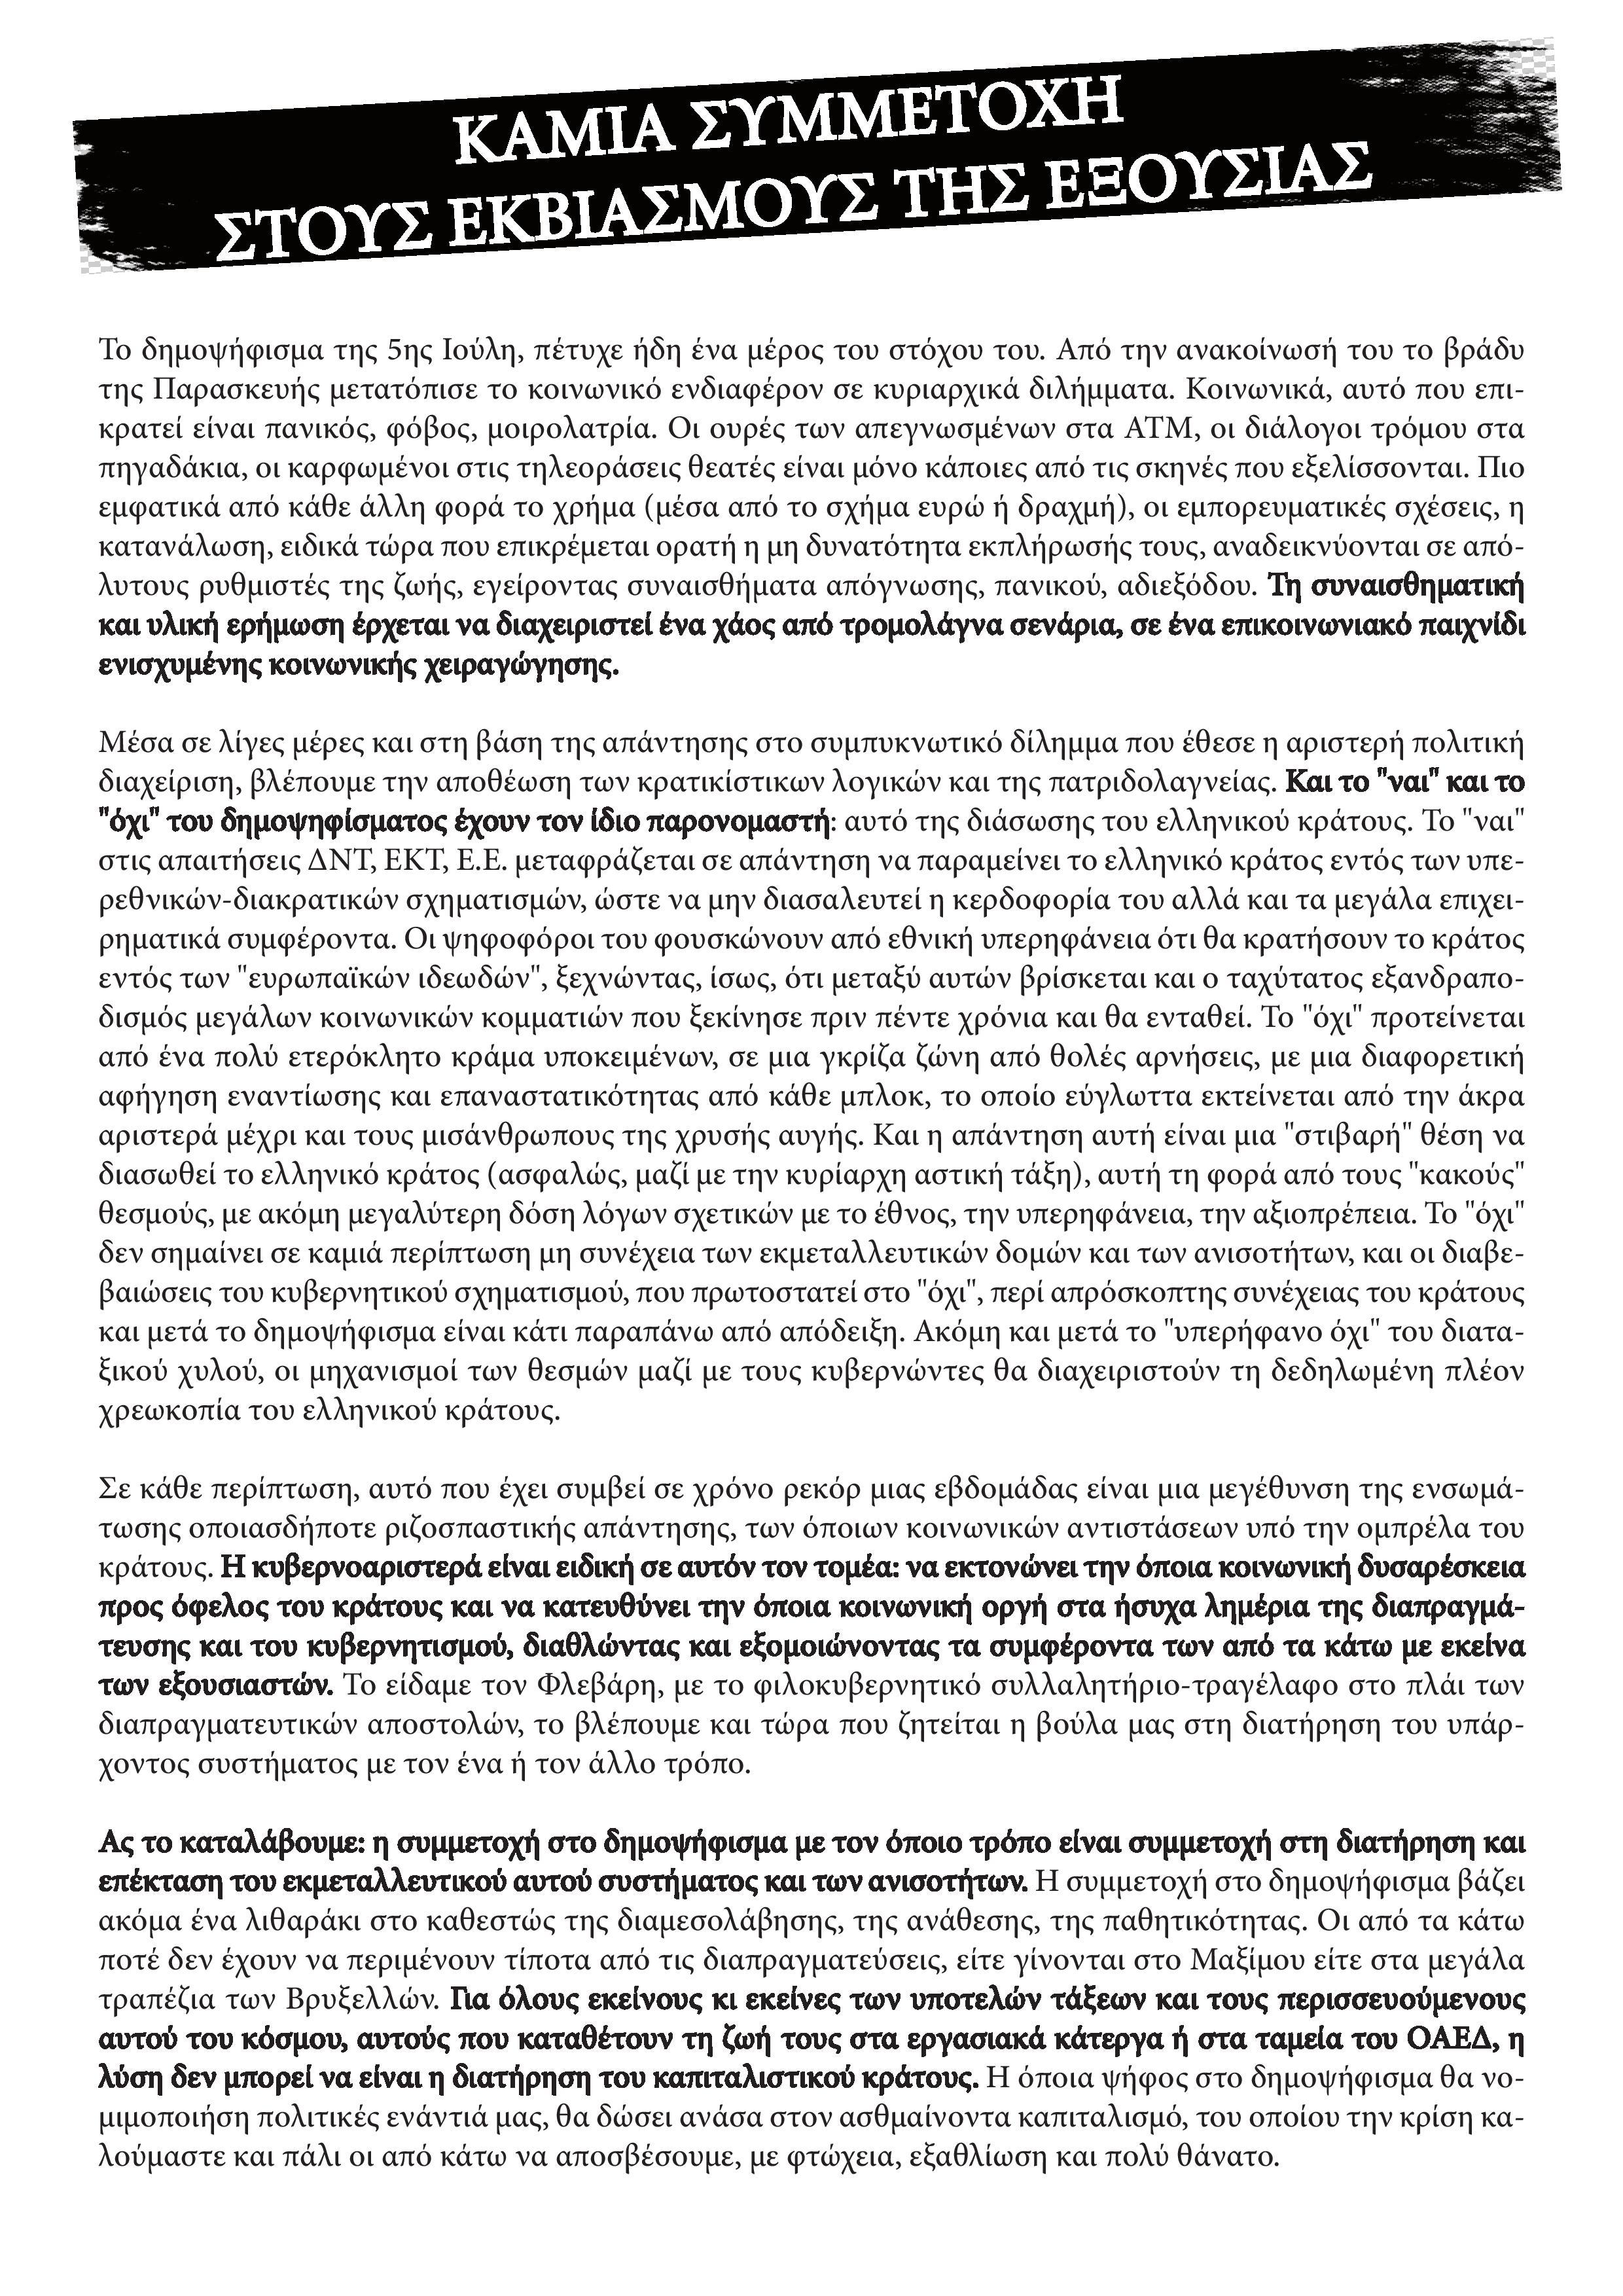 (2015 Ιούλιος) Καμία συμμετοχή στους εκβιασμούς της εξουσίας (1)